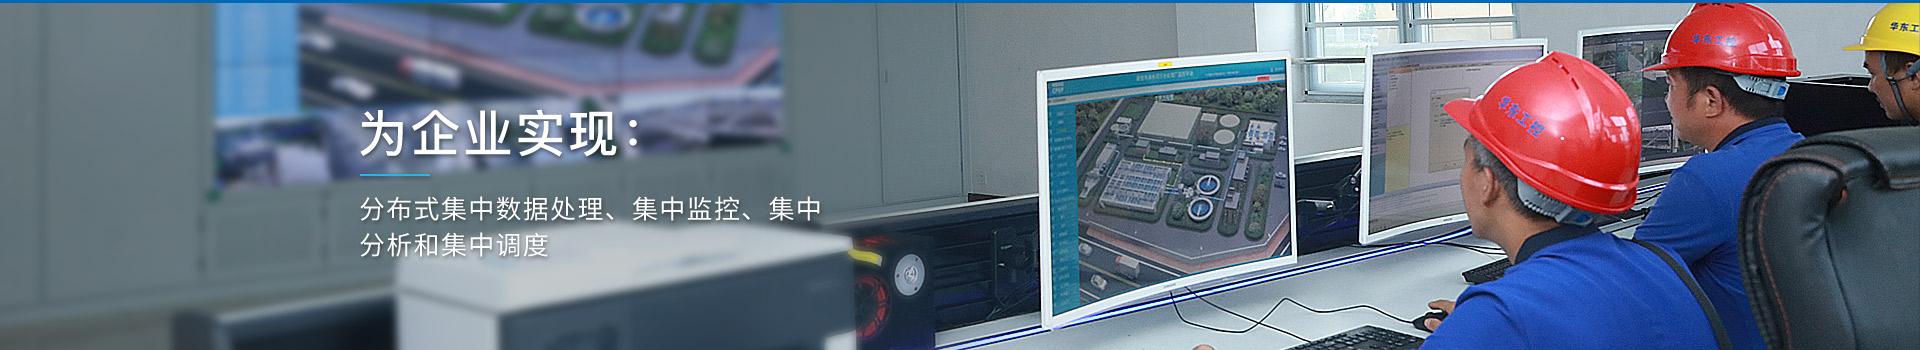 华东工控,为企业实现:分布式集中数据处理、集中监控、集中分析和集中调度